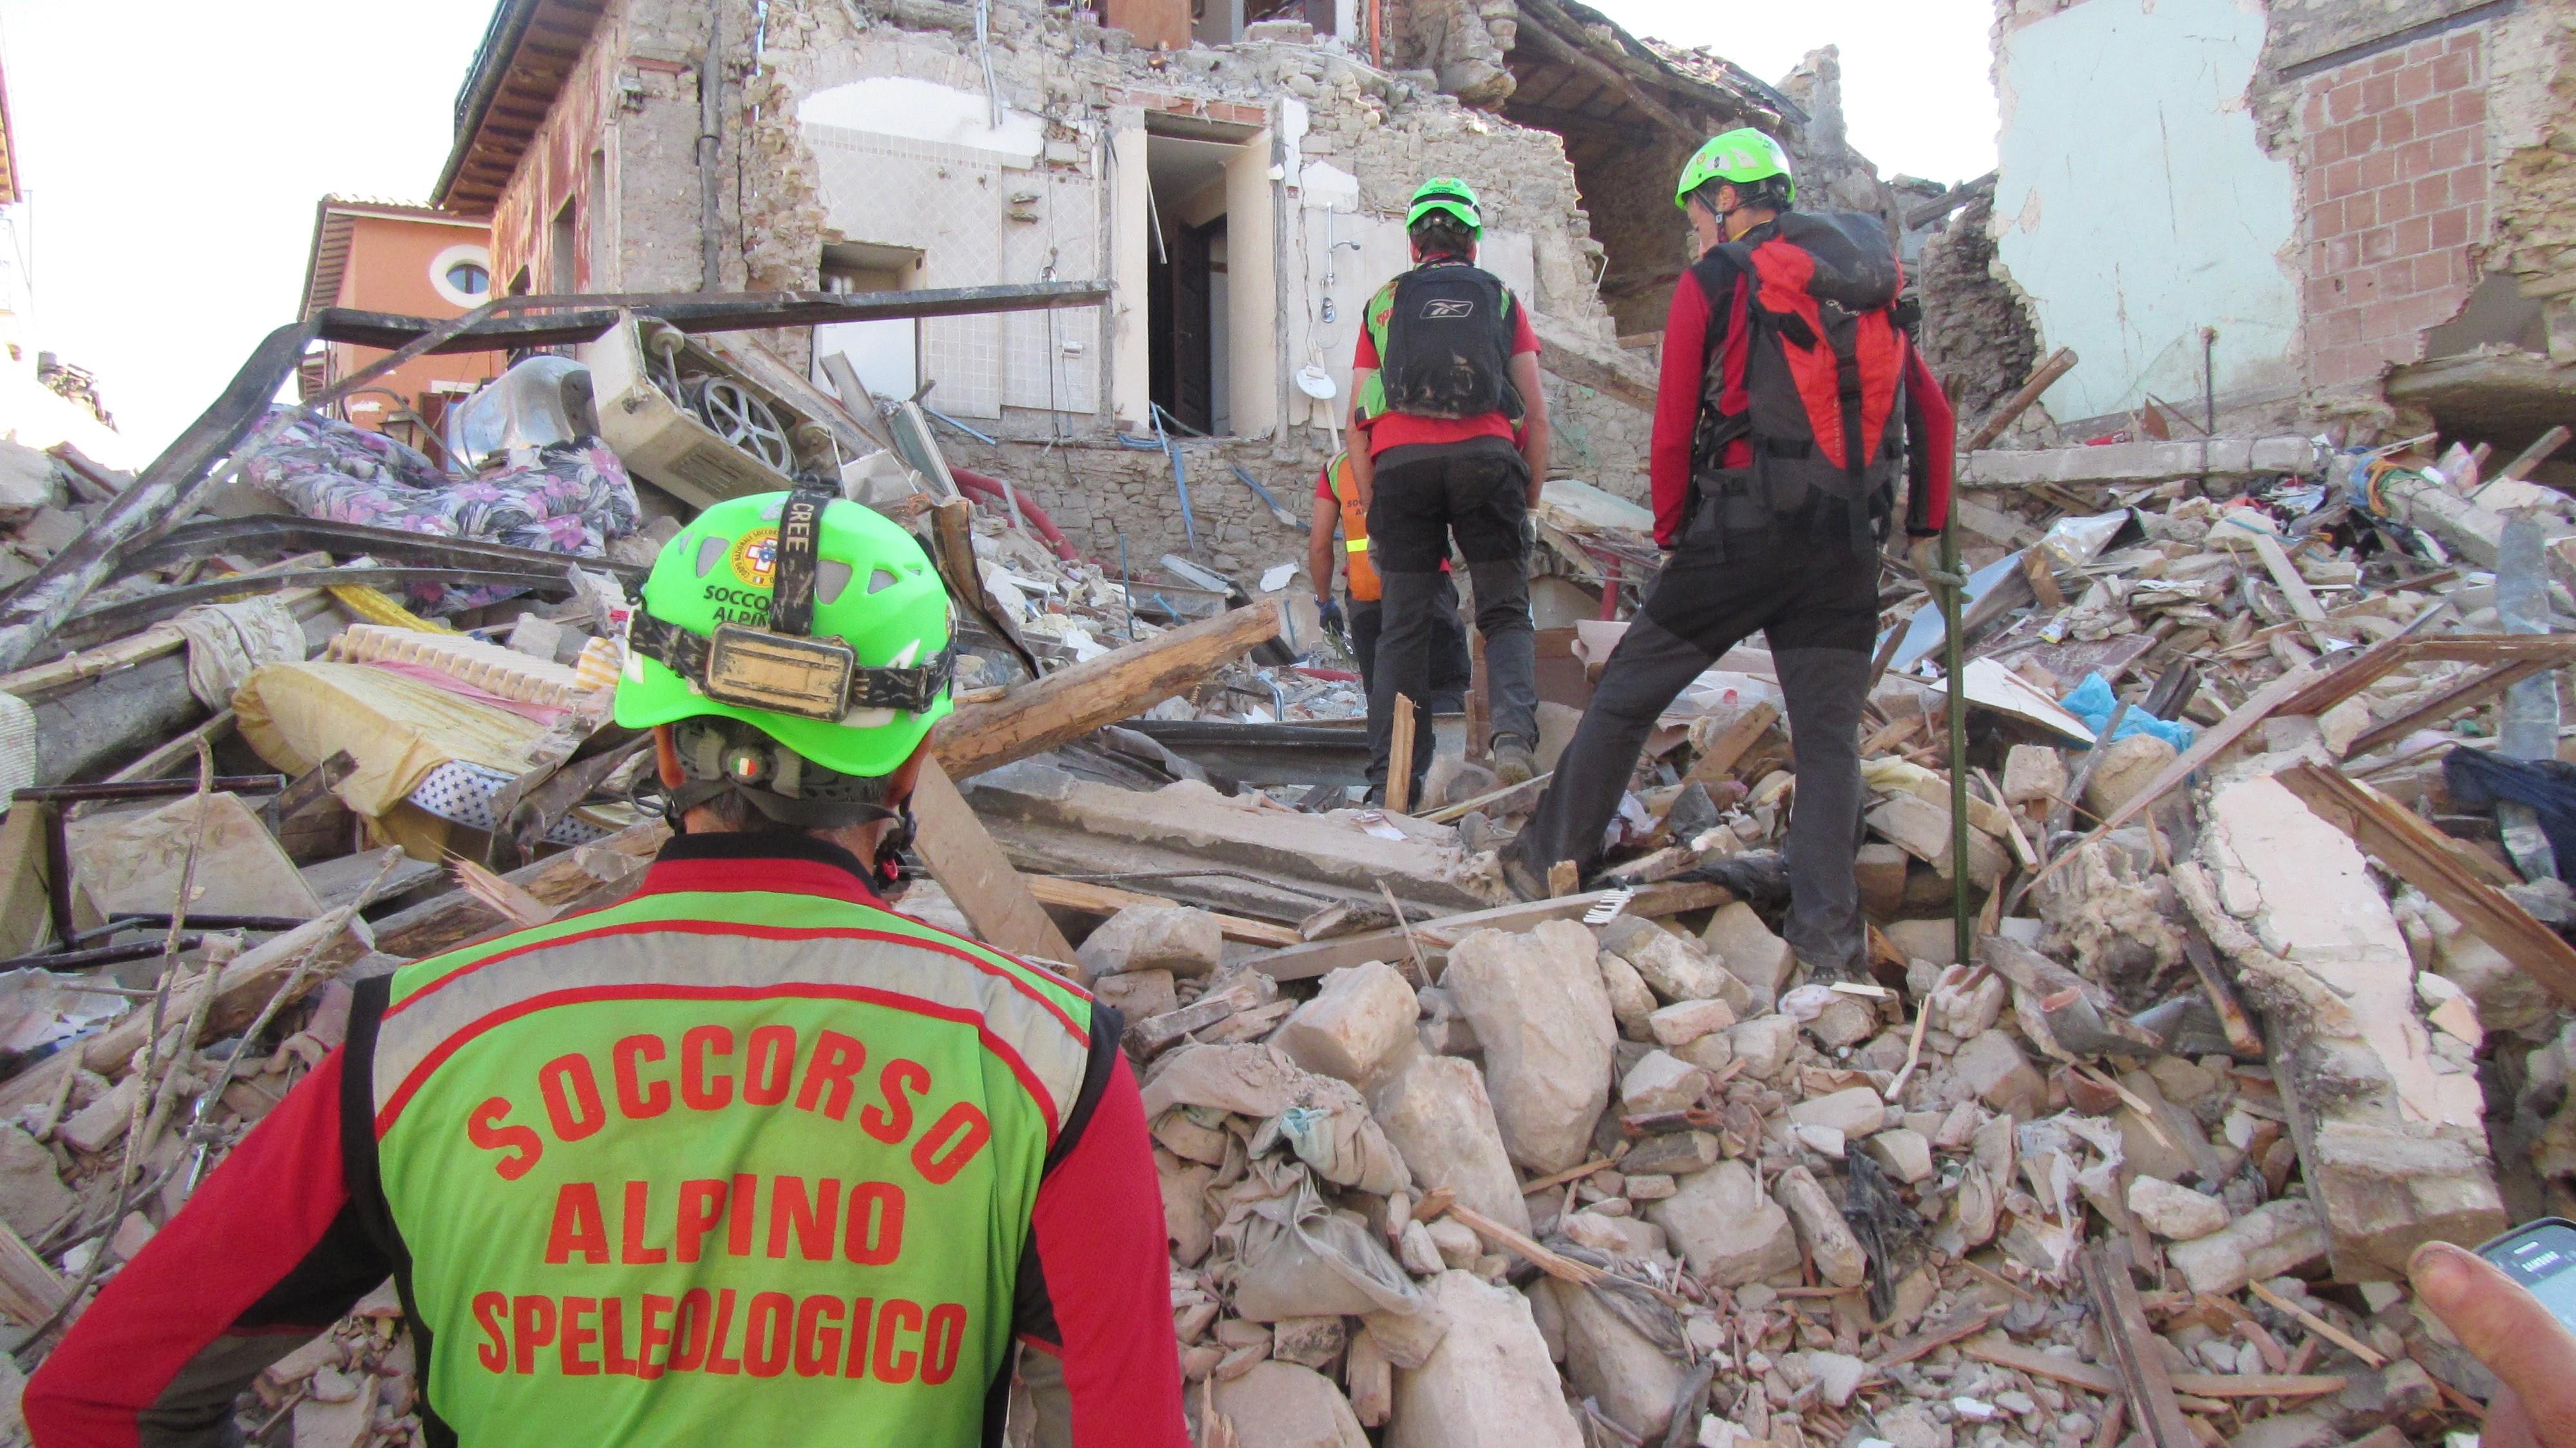 Terremoto in centro Italia, tutte le ultime novità ufficiali dalla Protezione Civile (25 agosto ore 16.30)